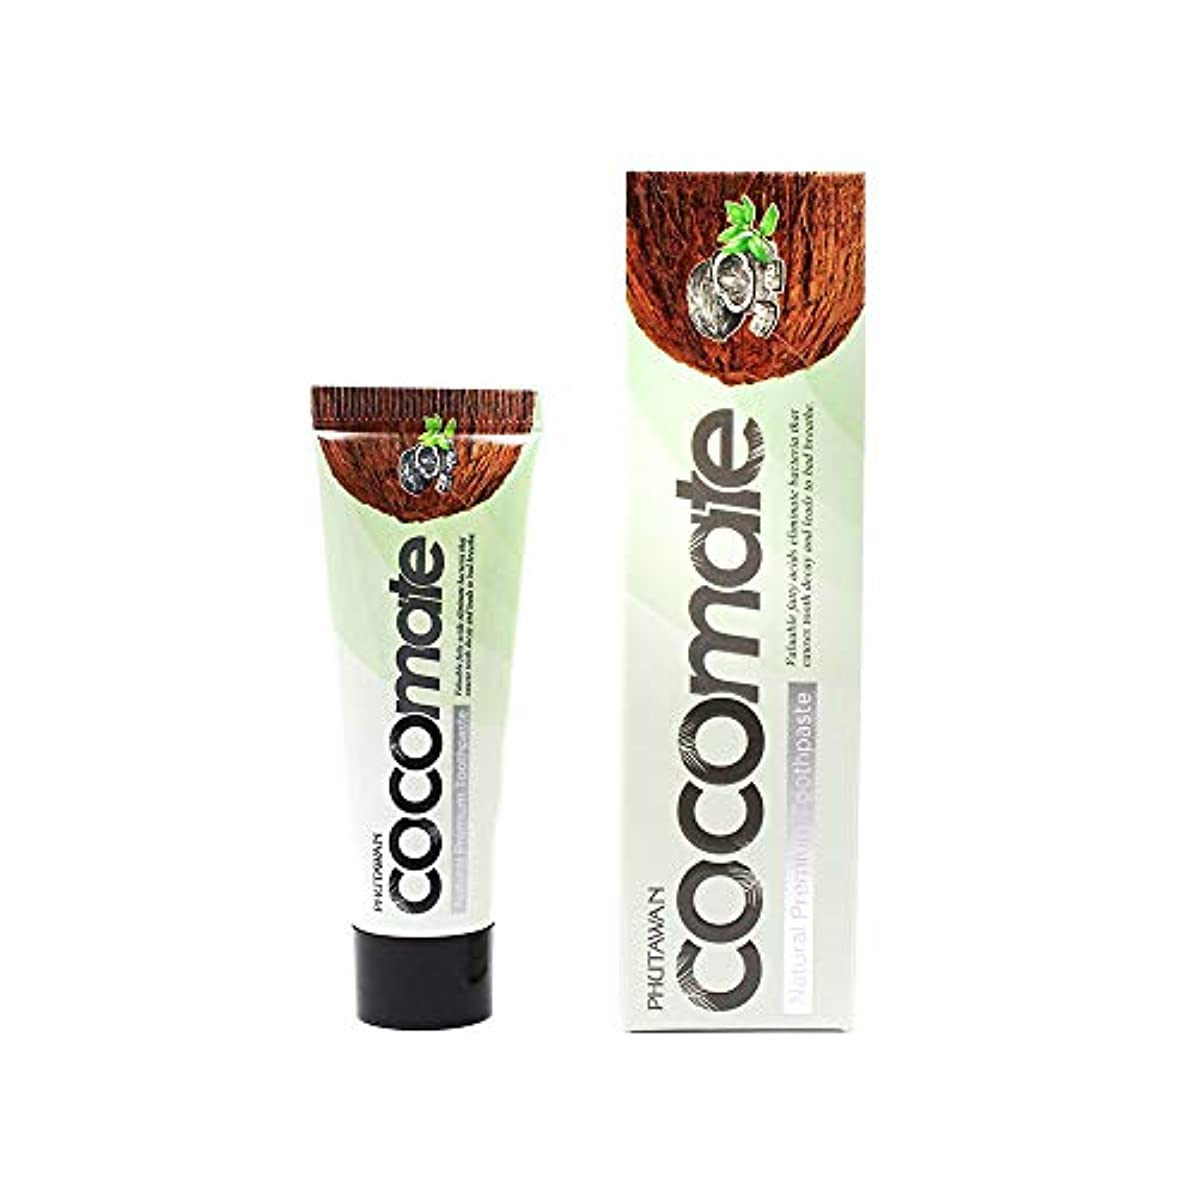 アメリカ童謡是正する歯磨き粉 Cocomate Natural Premium Toothpaste